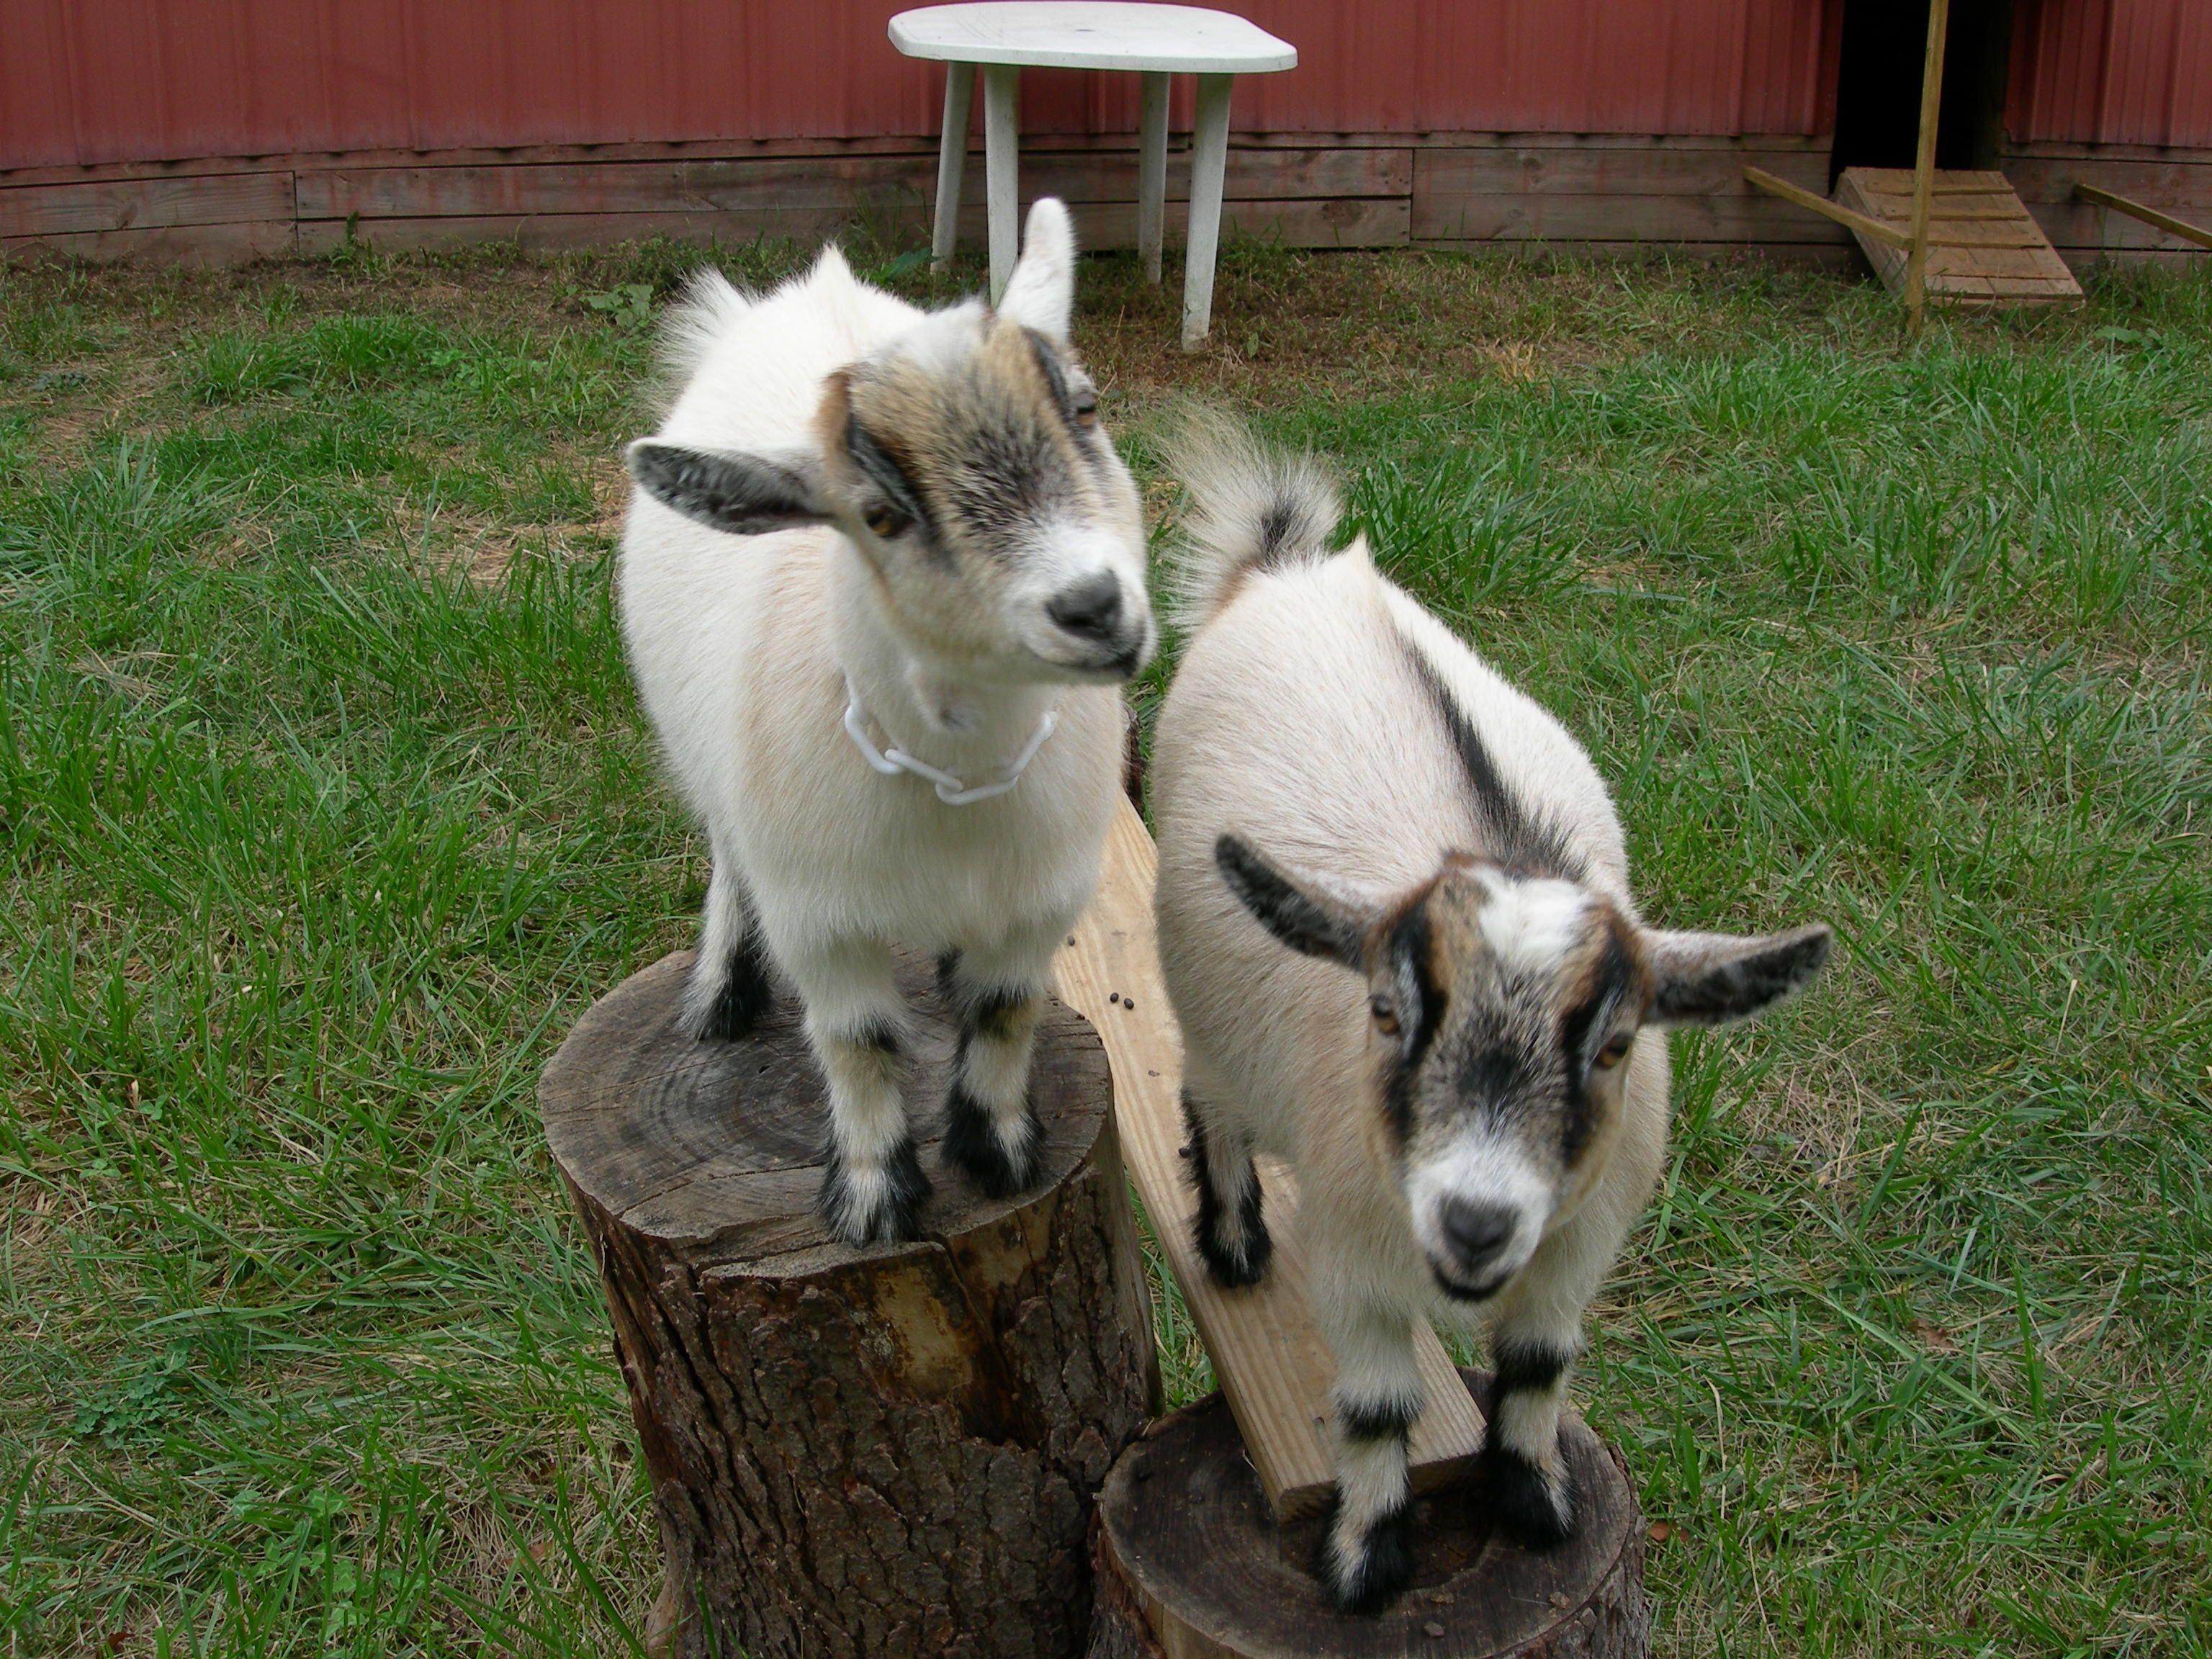 Pin by Jill Fleming on Animals Pygmy goat, Loyal dogs, Goats